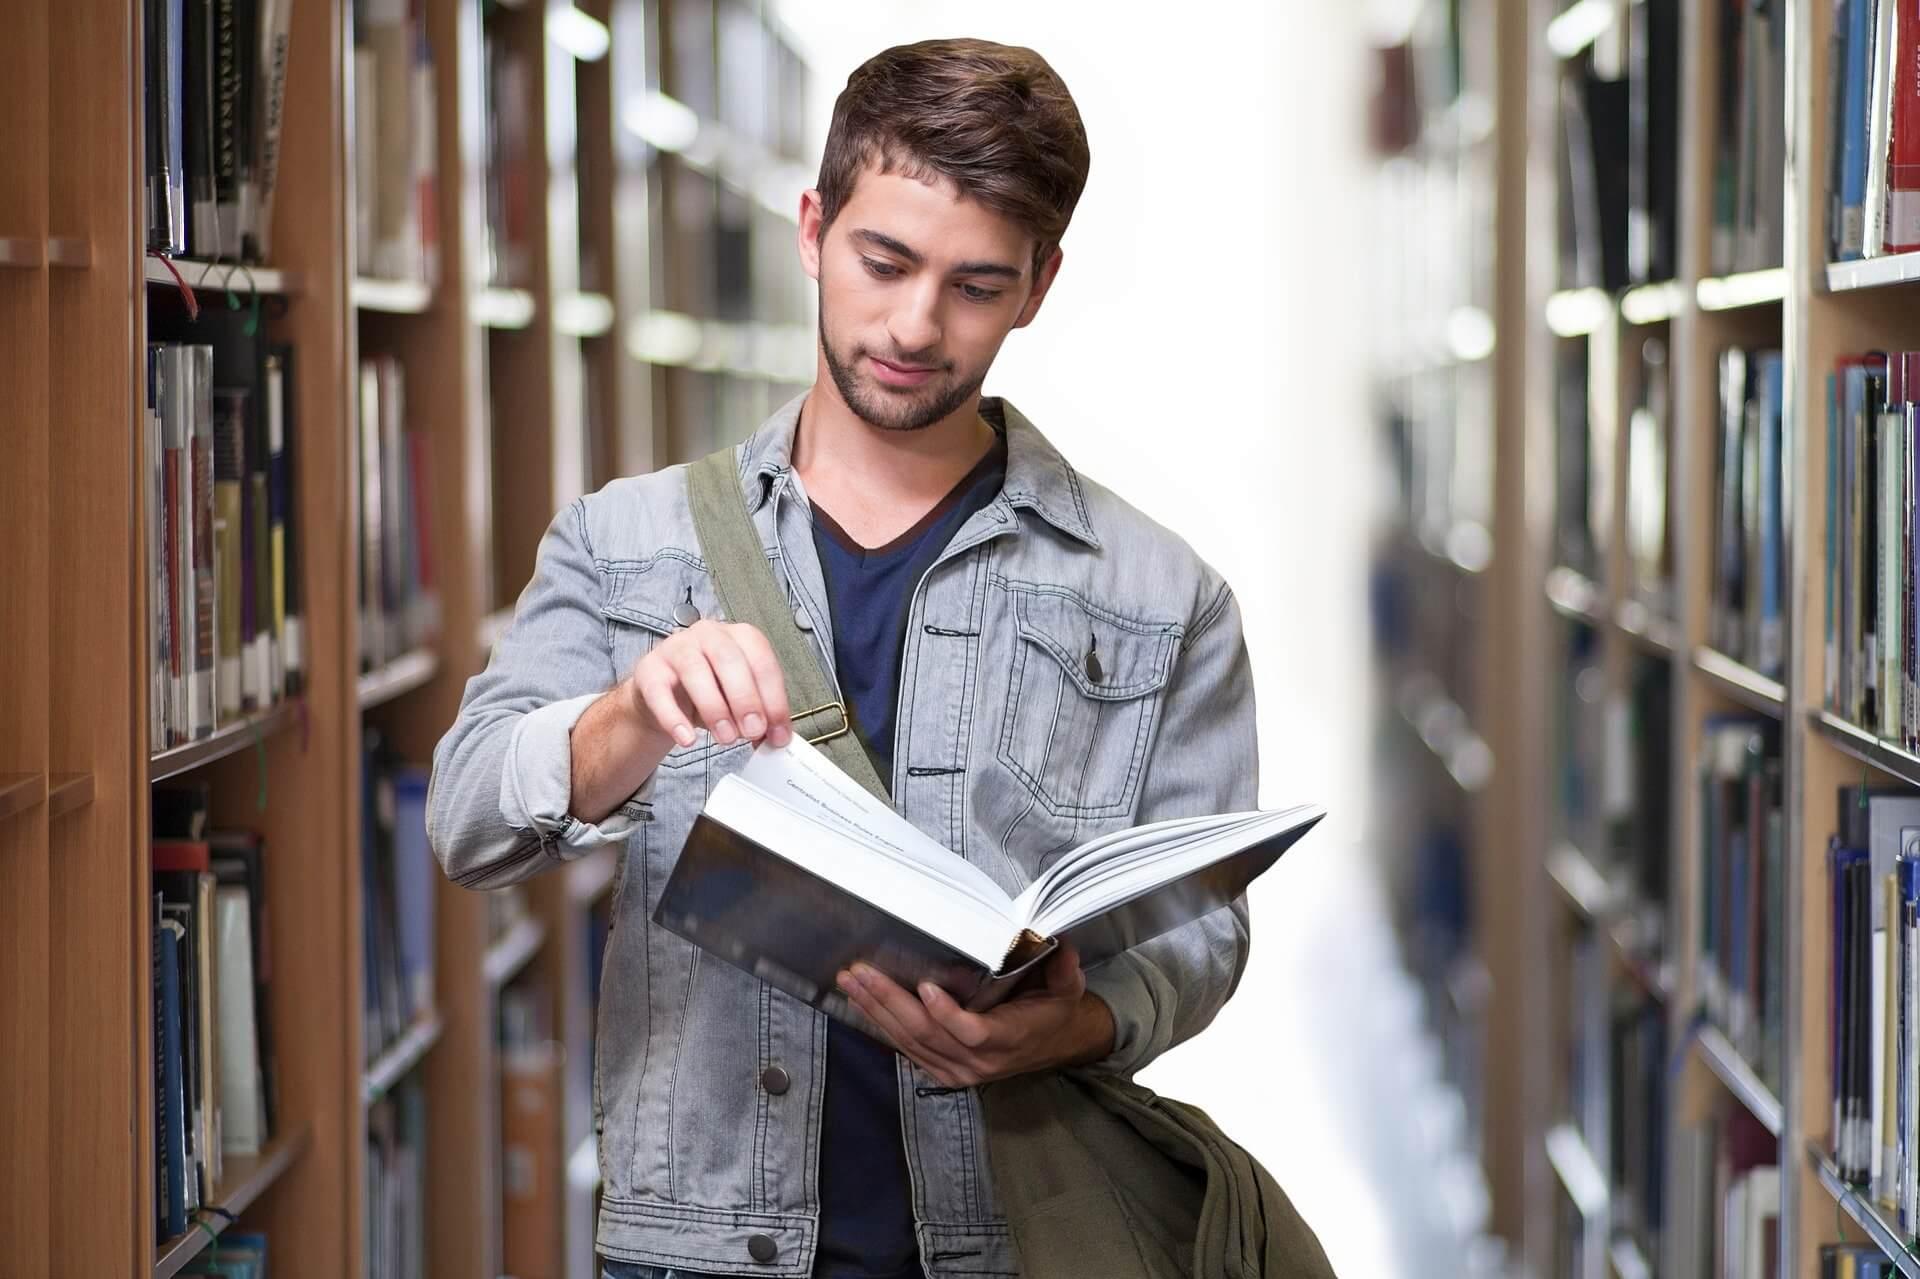 Mit einem Studentenkredit auf das Studium fokussieren